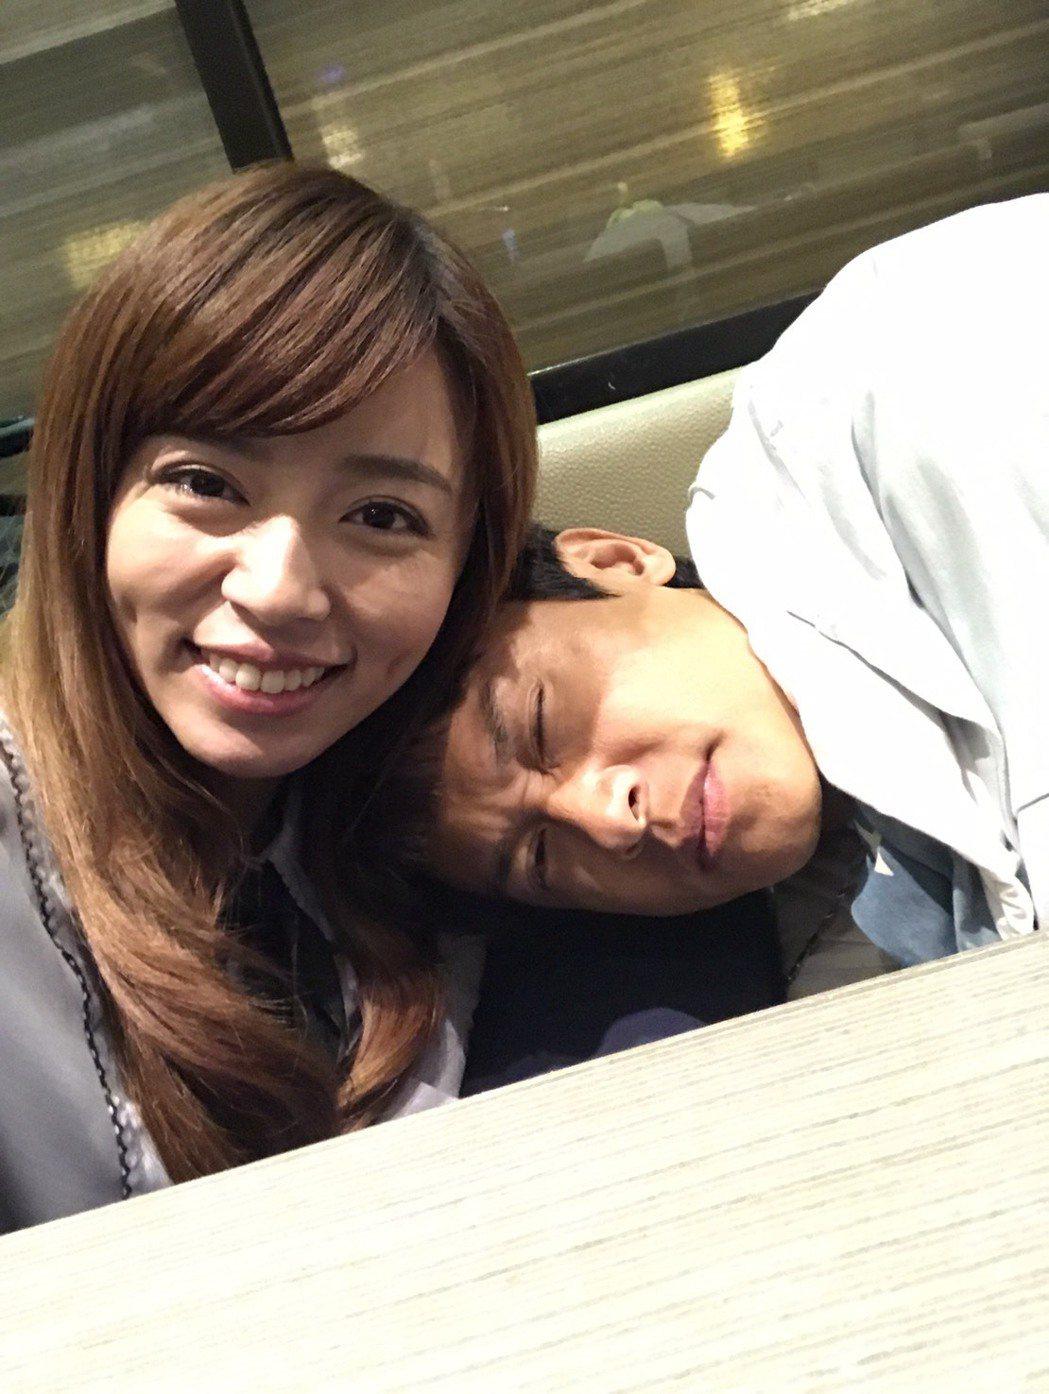 王瞳颱風天仍趕拍「幸福來了」,王建復竟看似睡倒在她懷裡。圖/民視提供